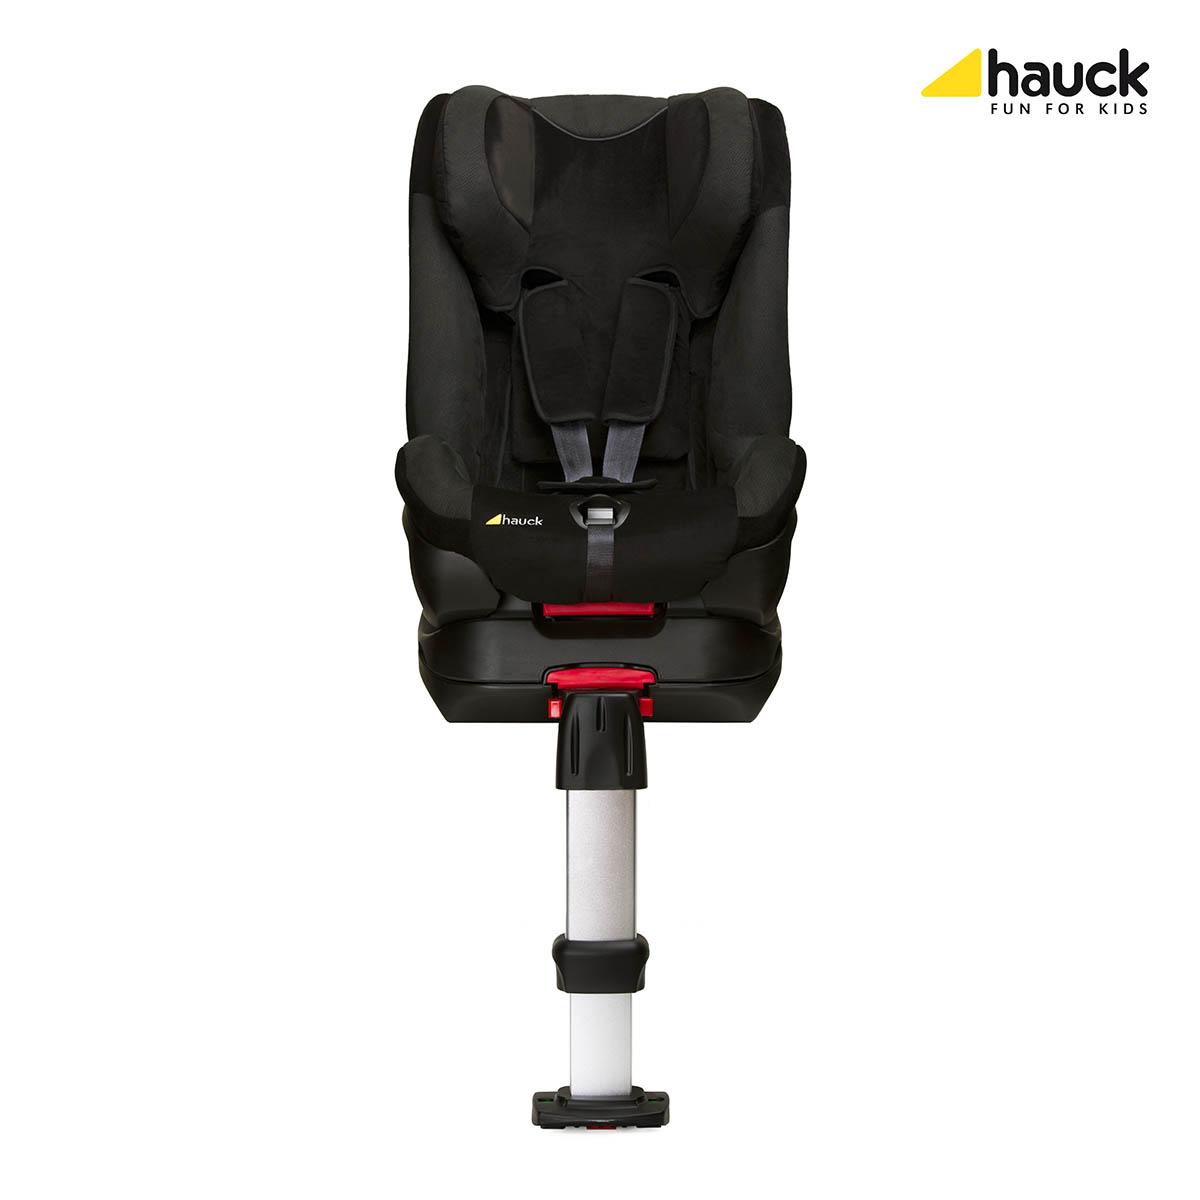 Hauck Varioguard 0-18 kg autosēdeklītis - Black Edition Melns